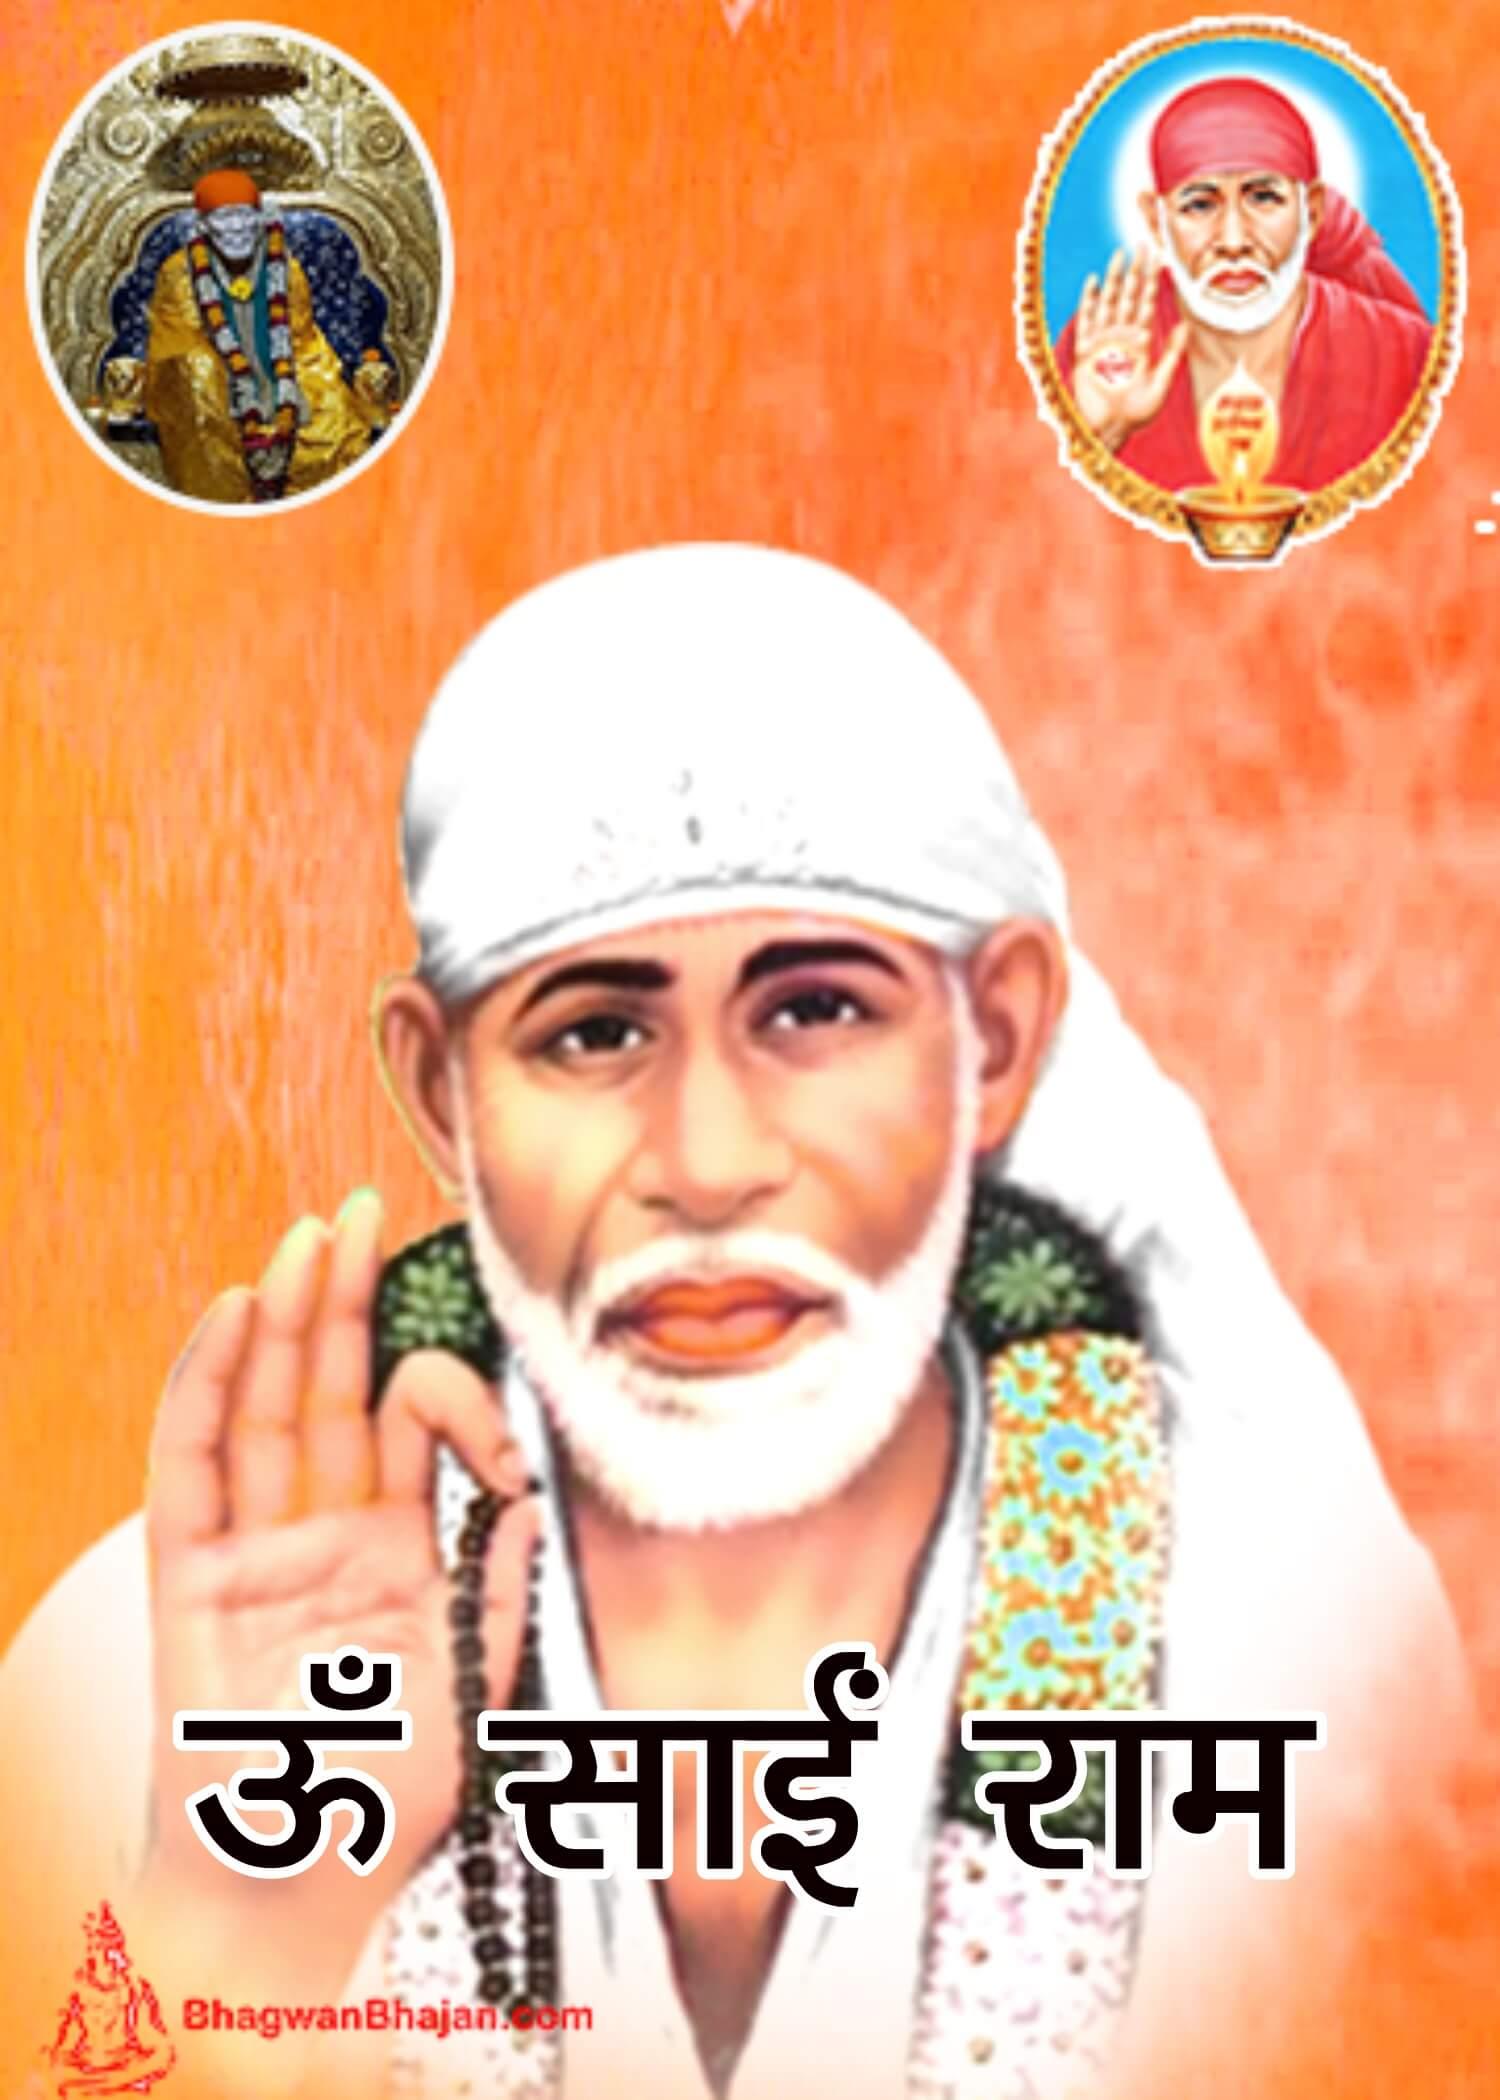 Bhagwan Sai Ram Whatsapp Status Wallpaper And Images